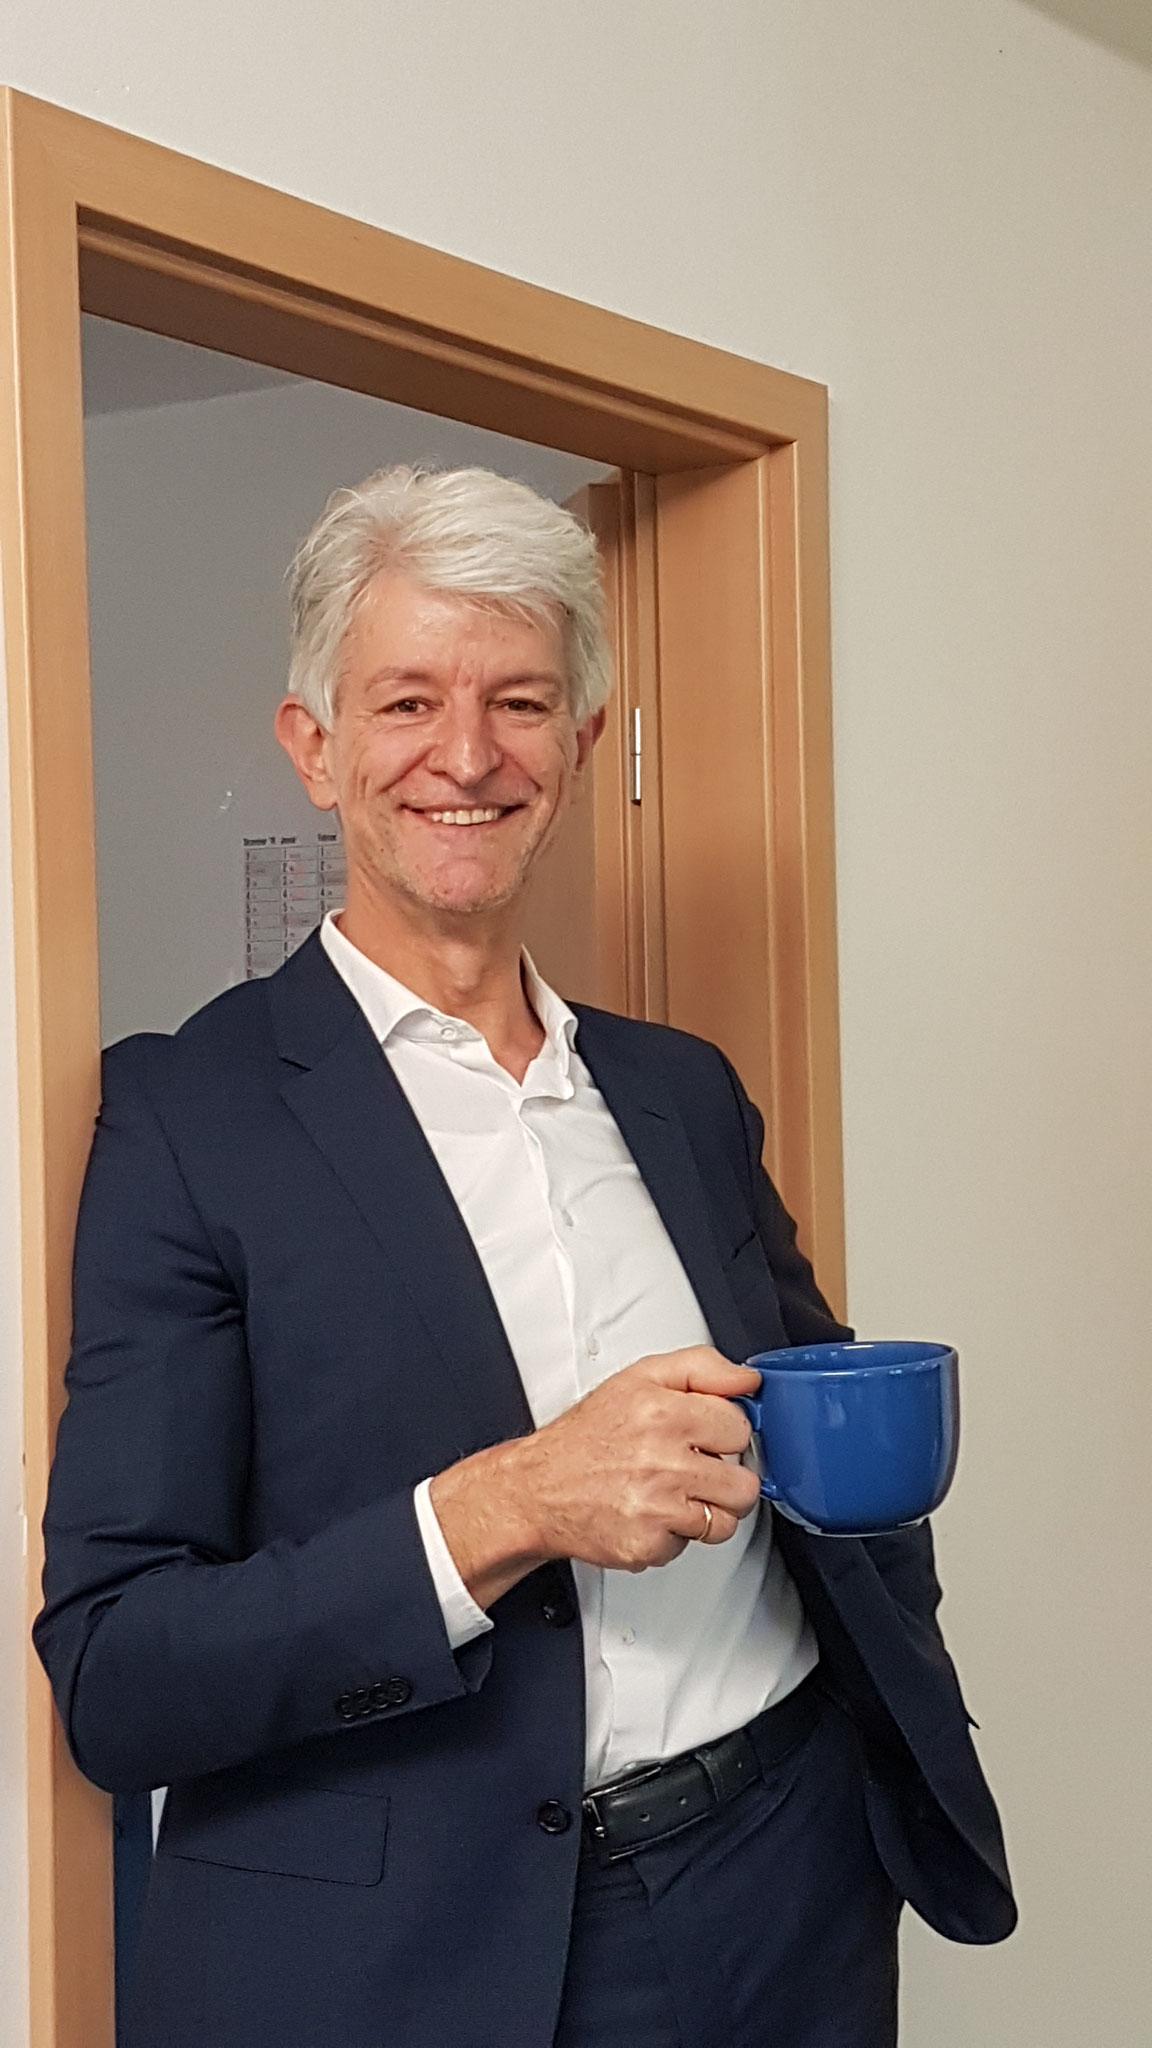 Erwin Schnepf – Fachwirt für Finanzberatung (IHK), Bankfachwirt